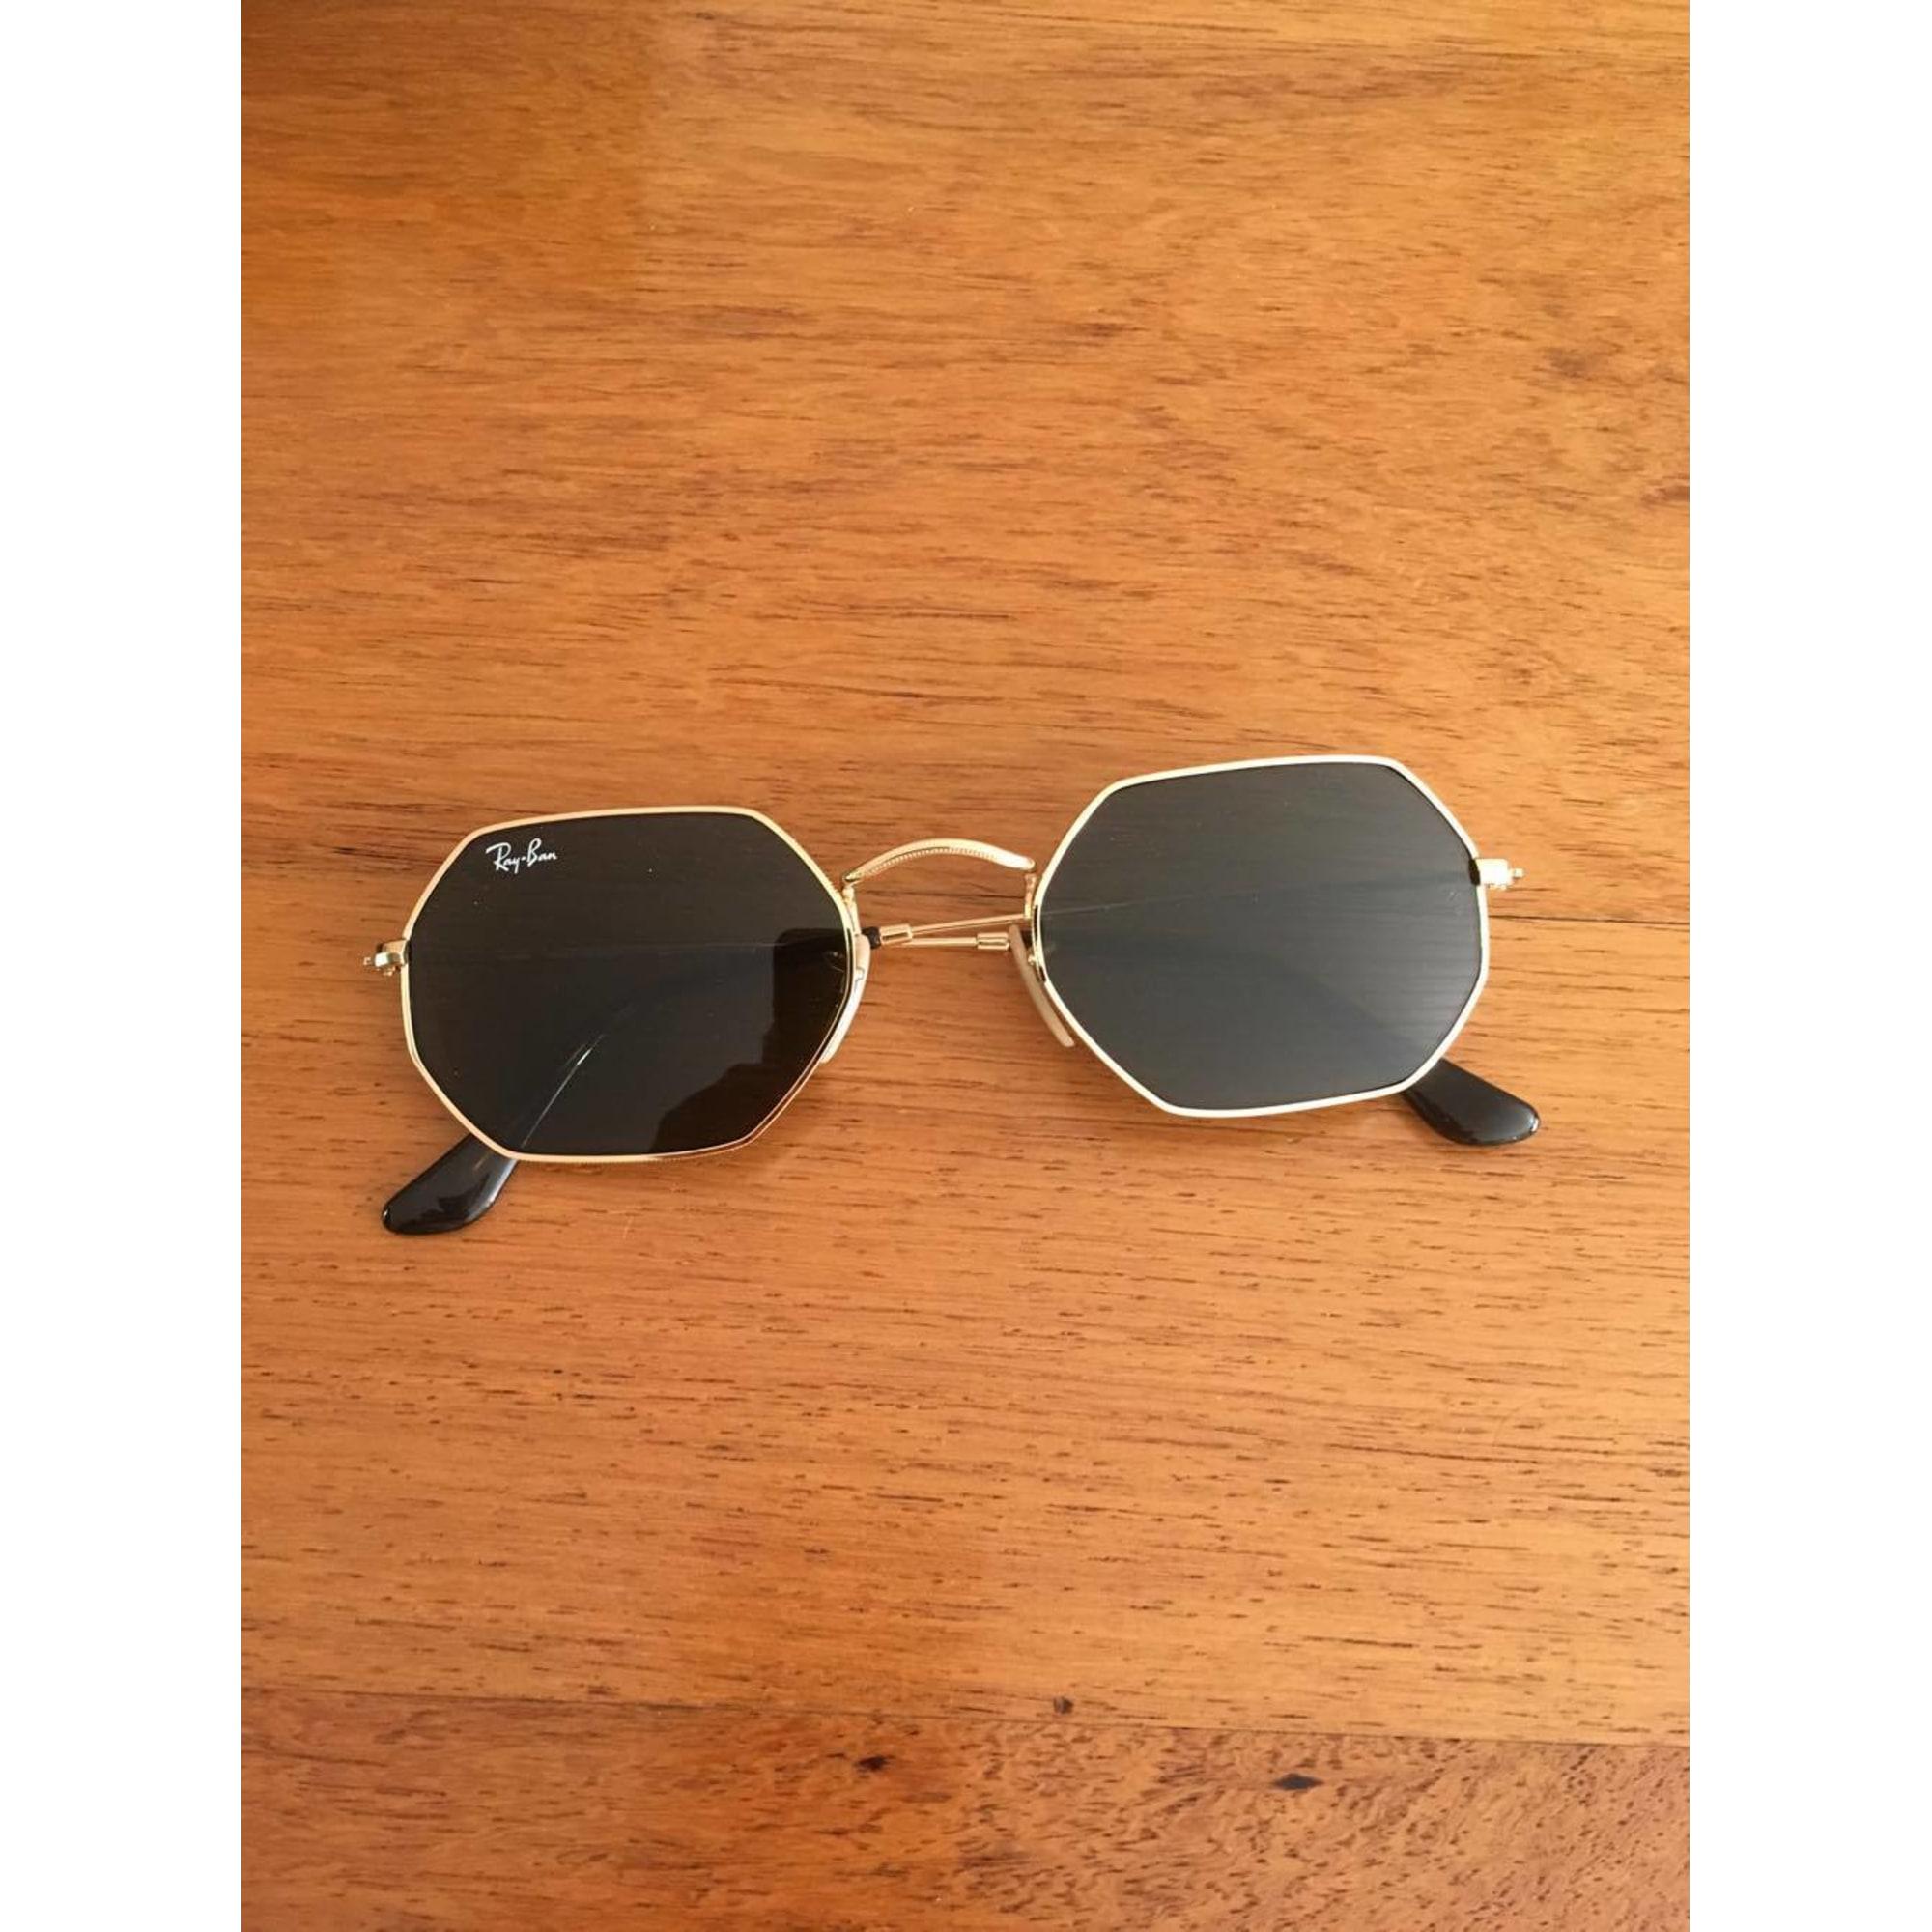 Lunettes de soleil RAY-BAN doré vendu par Co33510 - 6342749 2bf0575c8c7f